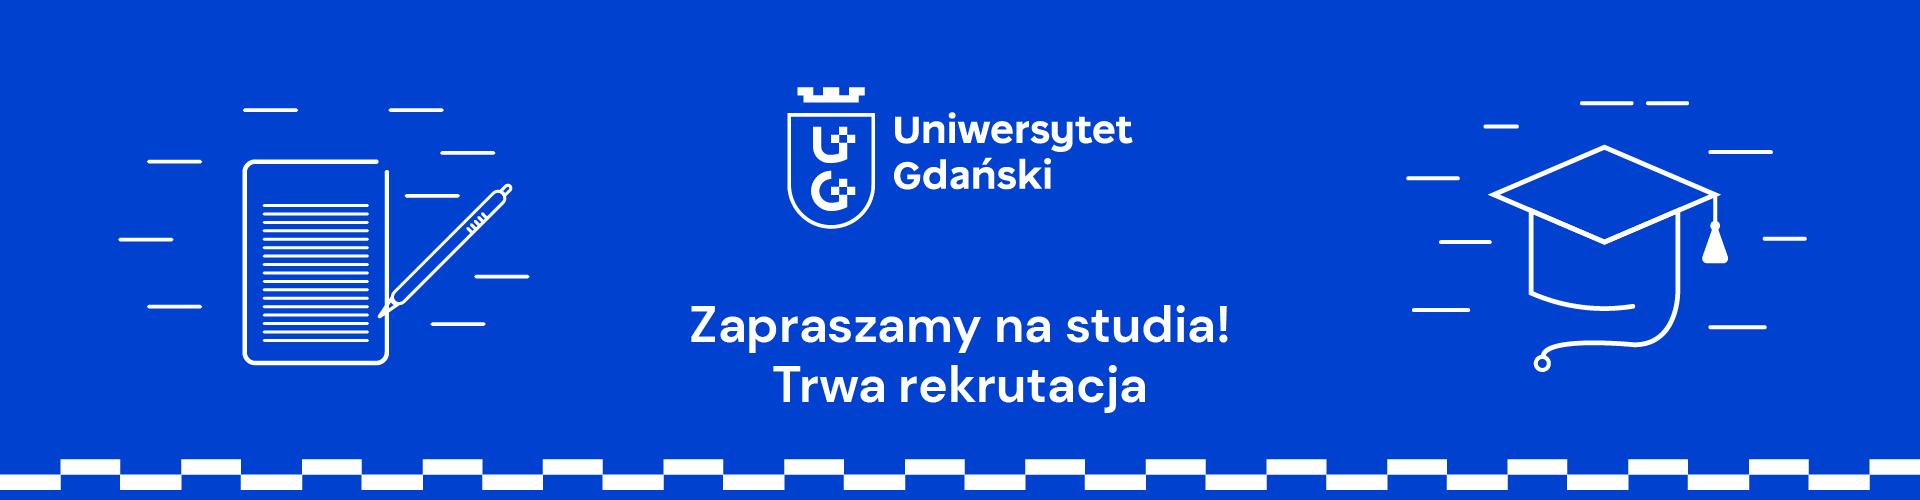 Studiuj na Uniwersytecie Gdańskim. Rekrutacja 2021/2022